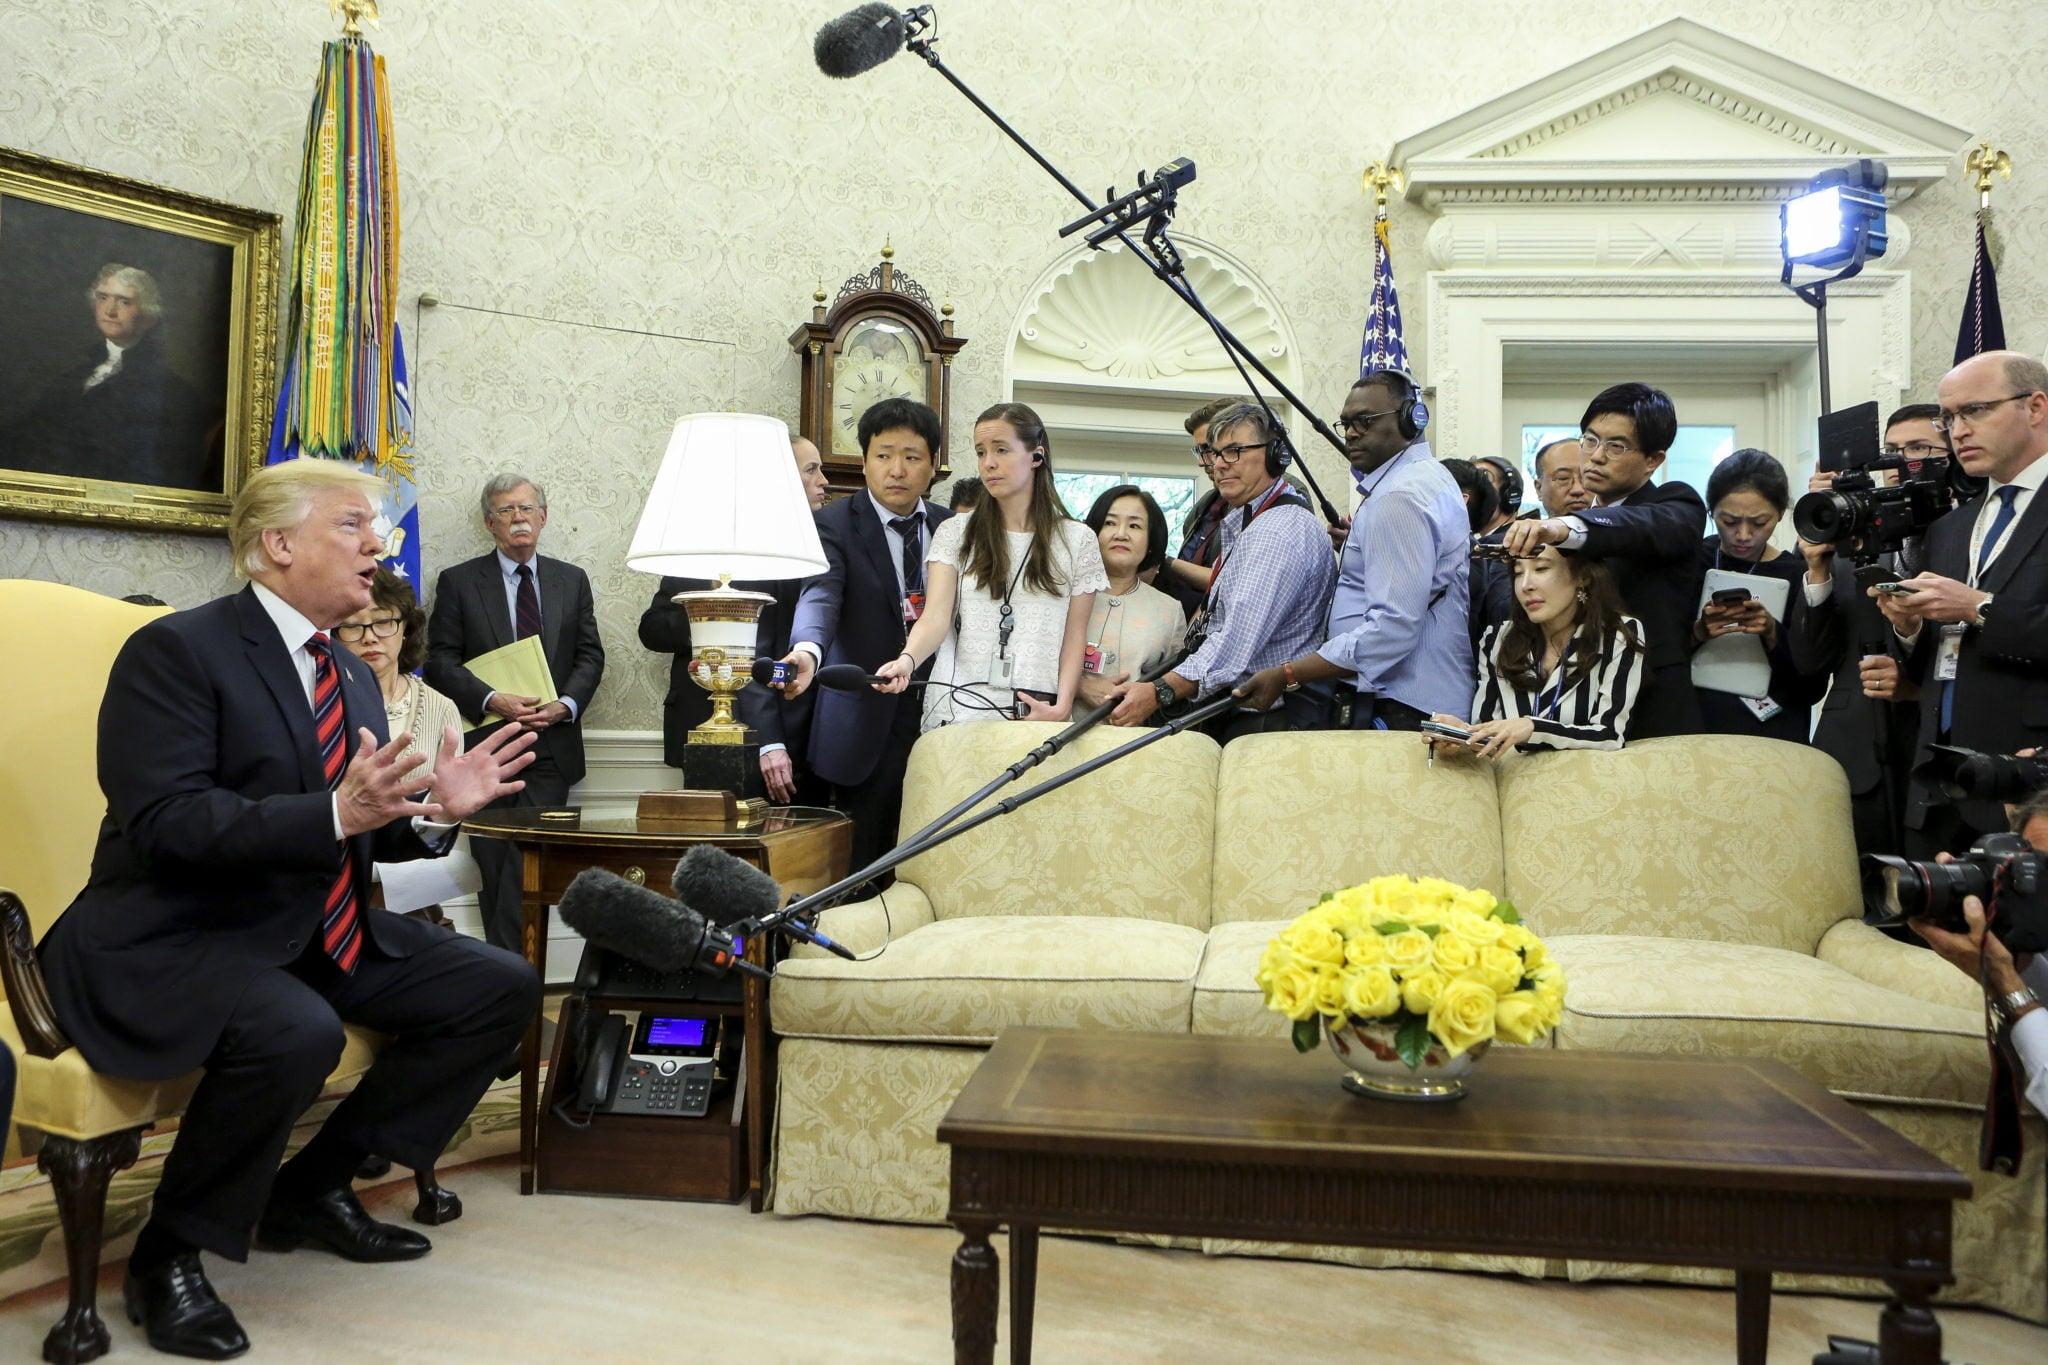 USA, Waszyngton: prezydent Donald Trump podczas spotkania z dziennikarzami po spotkaniu z prezydentem Korei Południowej Moonem Jae-in w Owalnym Biurze Białego Domu, fot: Oliver Contreras, PAP/EPA